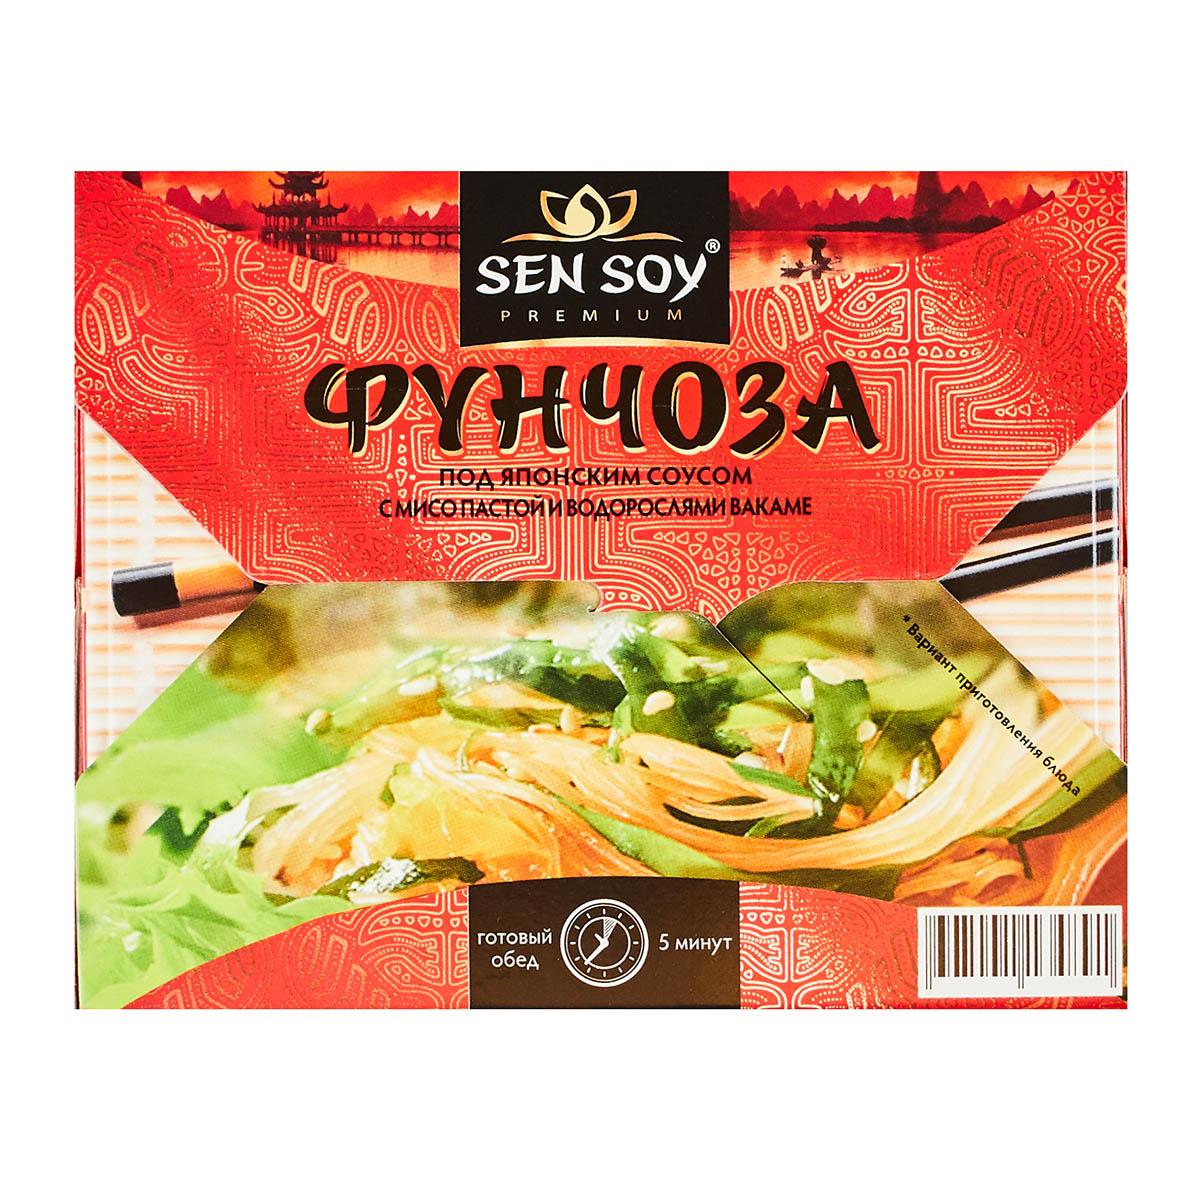 Sen Soy японский соус